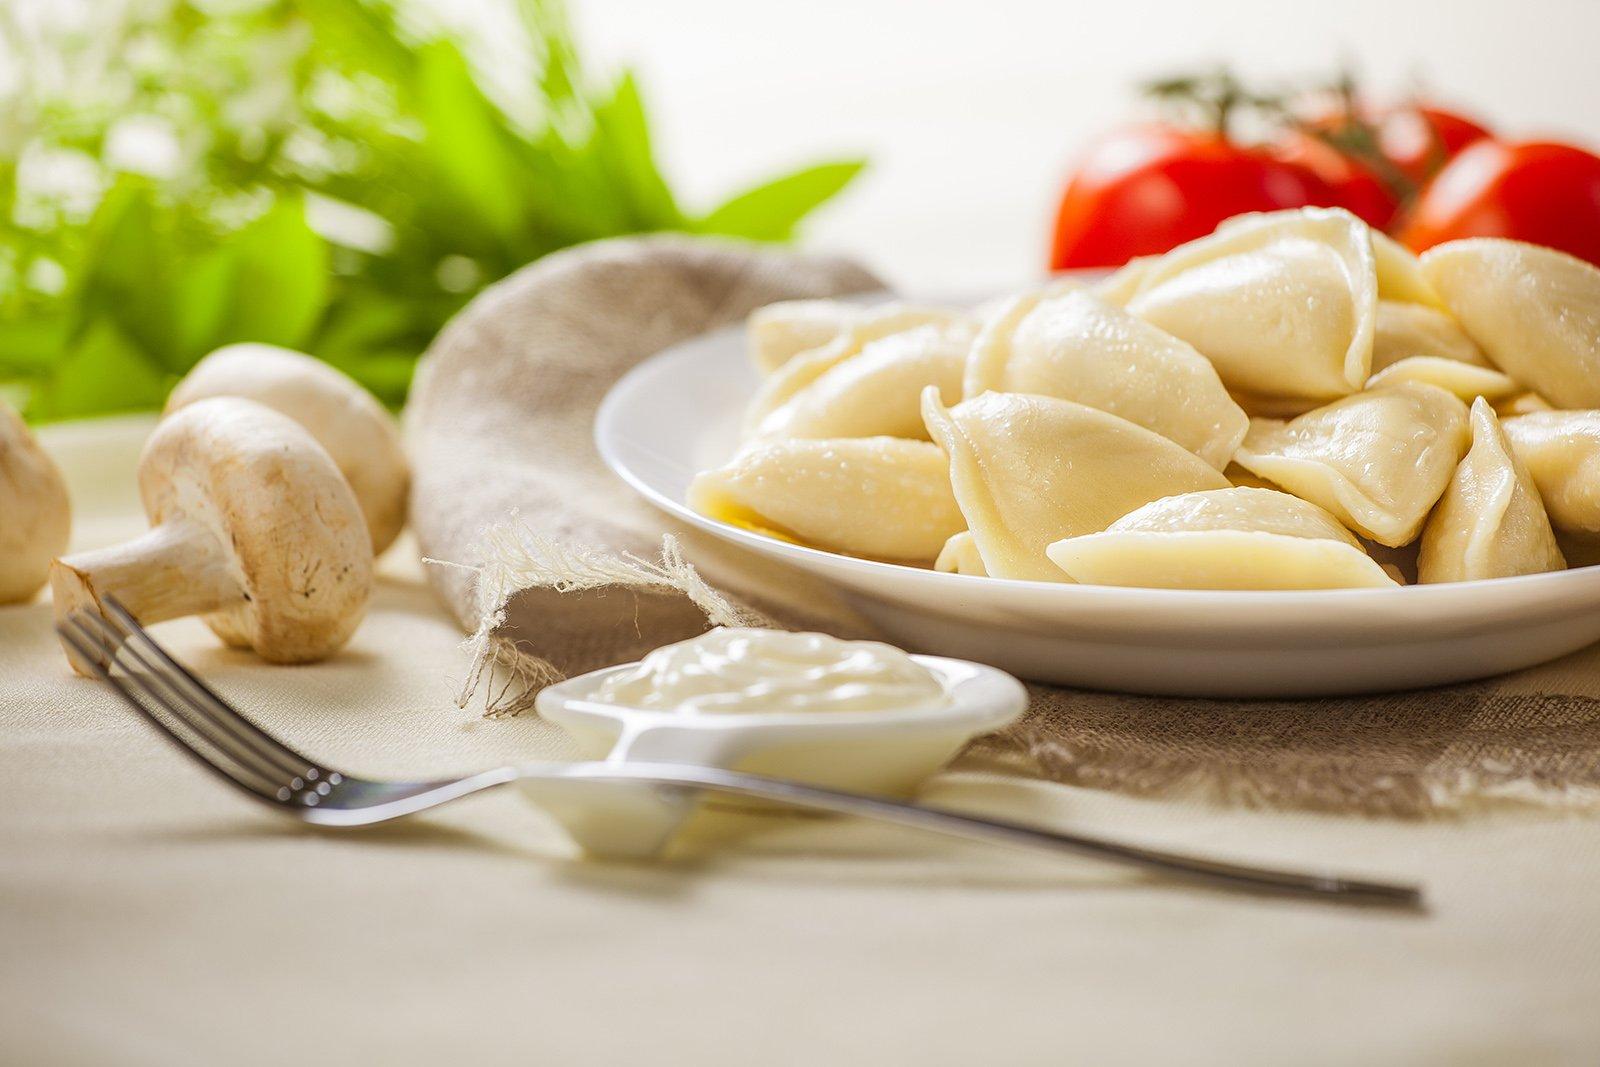 картинка вареники в тарелке стильные качественные кухонные